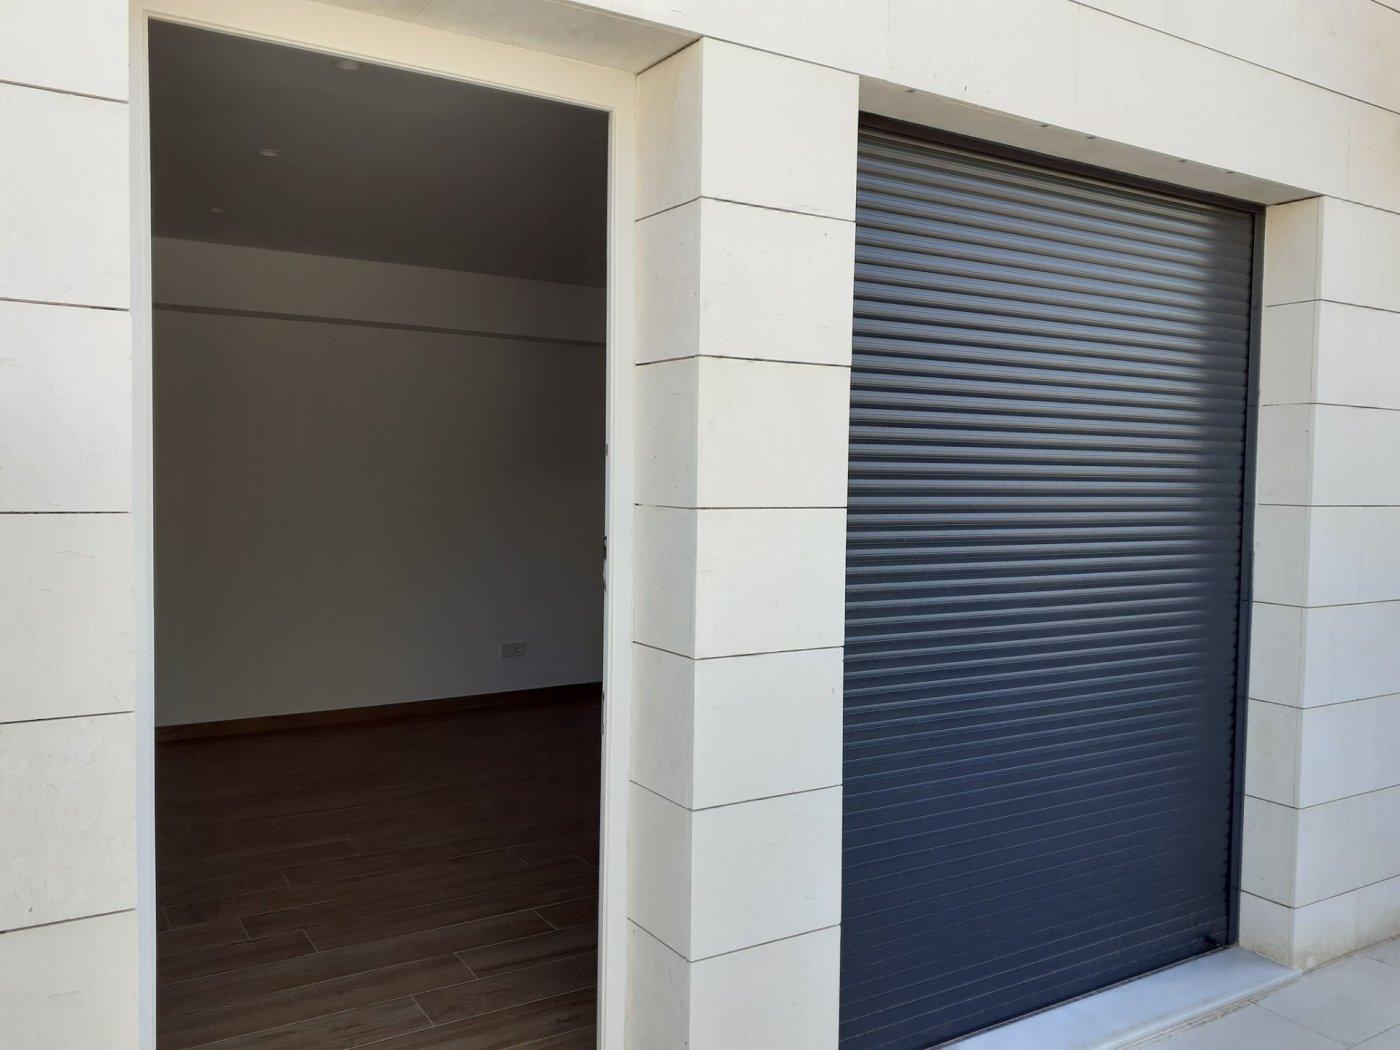 Moderno apartamento planta baja en el mojón - imagenInmueble11